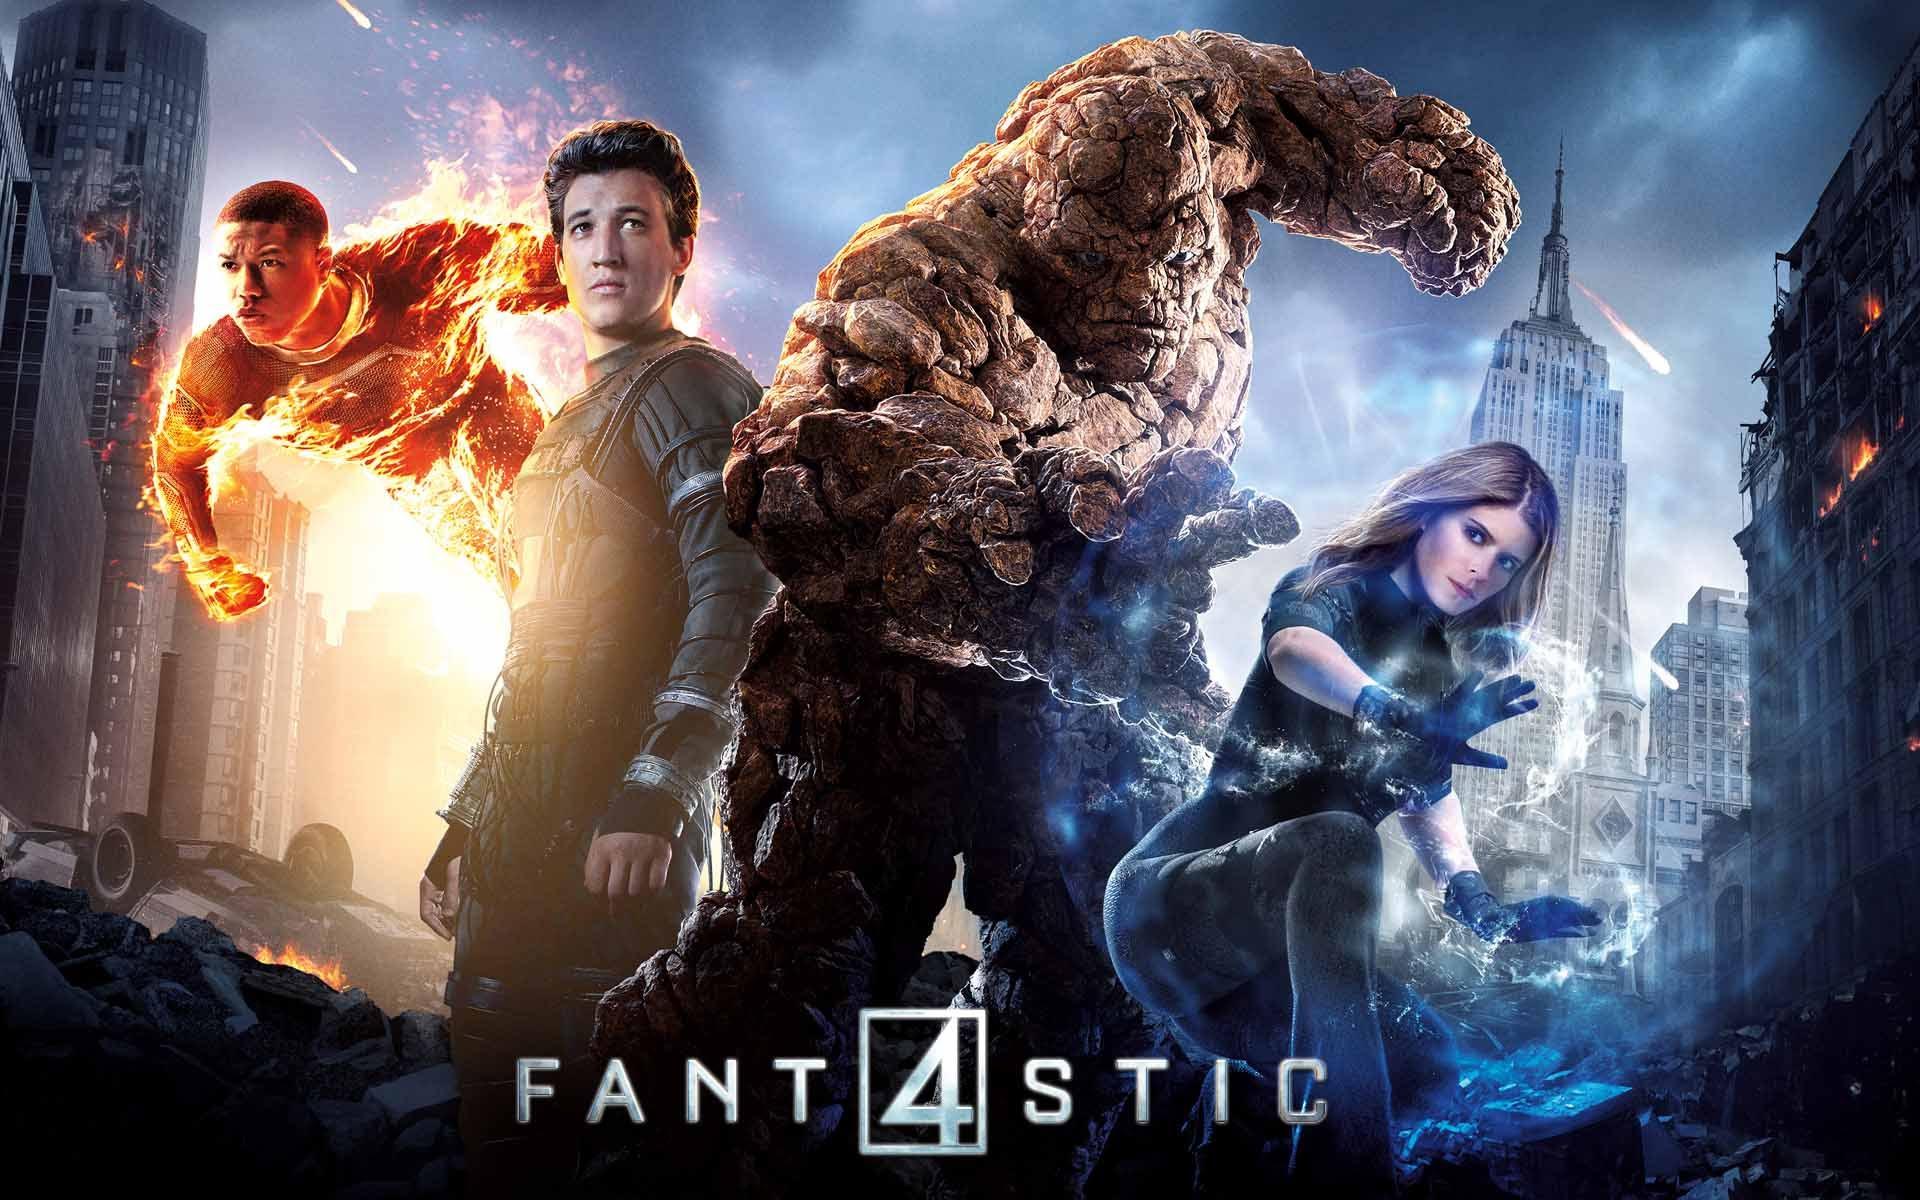 El director de Ant-Man, Peyton Reed, está entusiasmado con que los Cuatro Fantásticos se unan al MCU